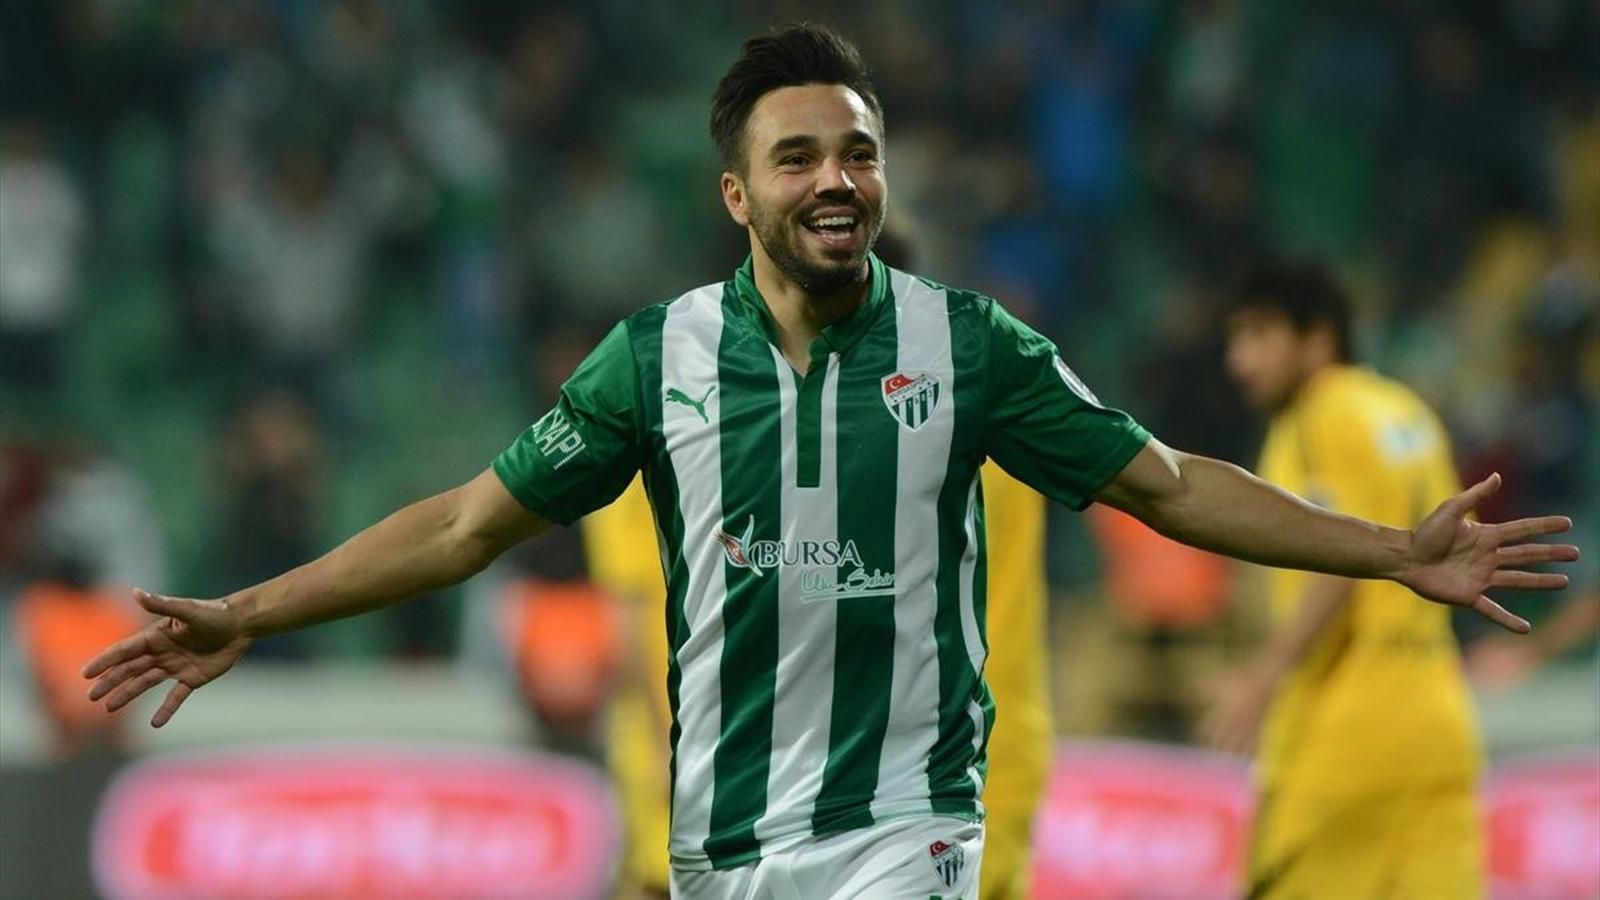 Bursaspor'dan Fenerbahçe'ye transfer olmuştu